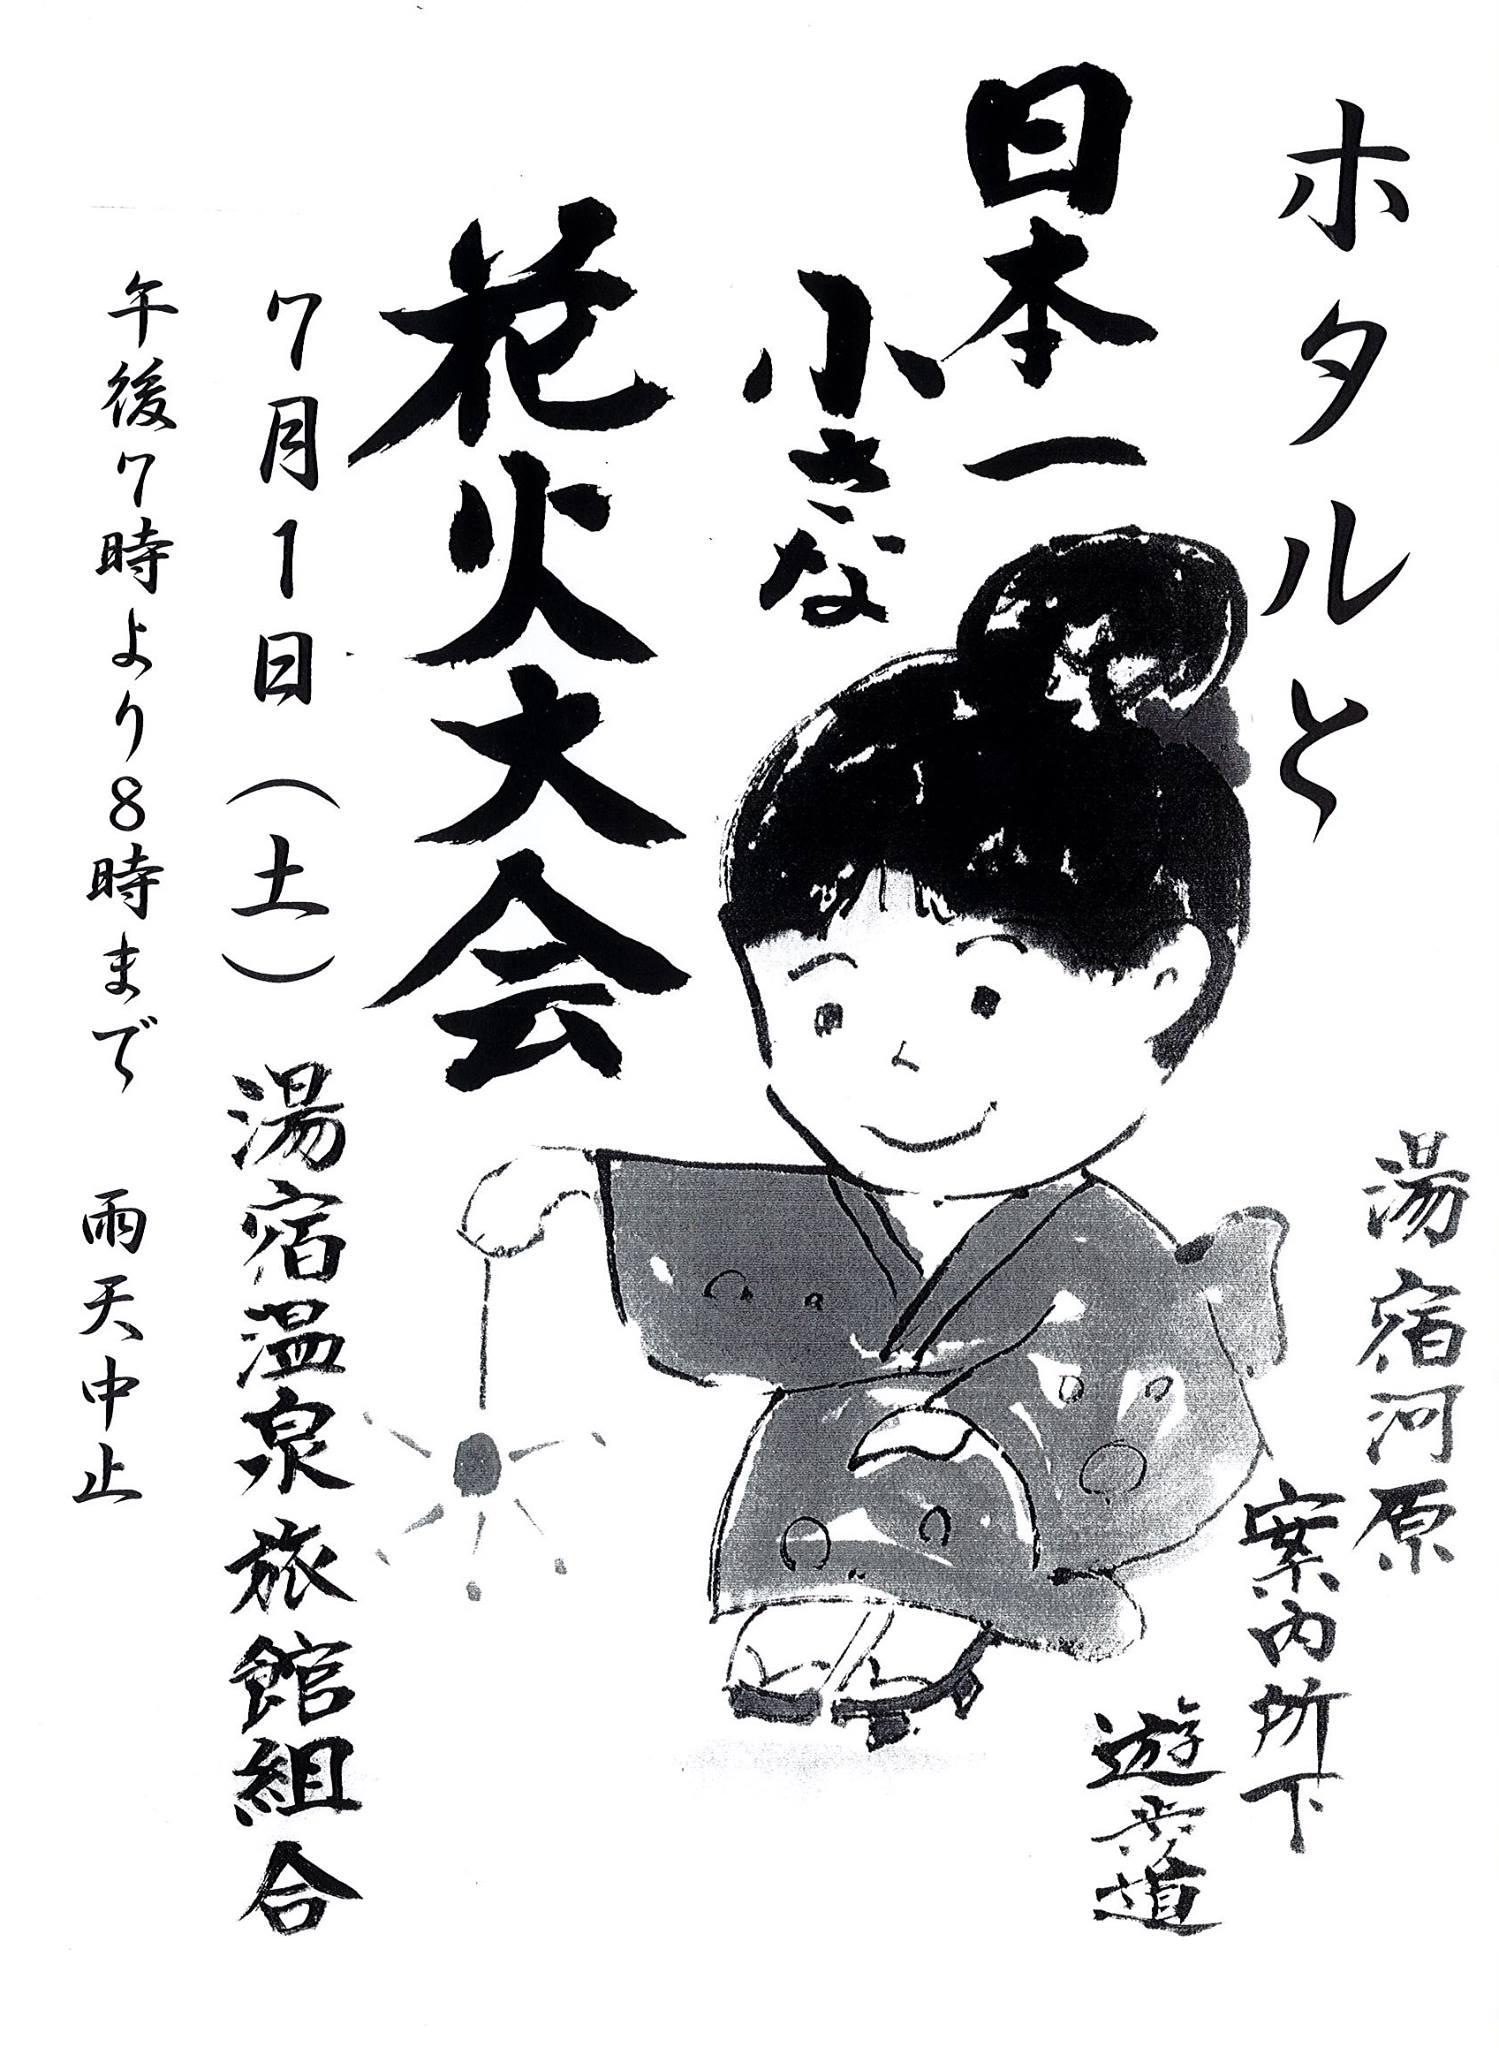 20170619-170619_yujukuhanabi.jpg